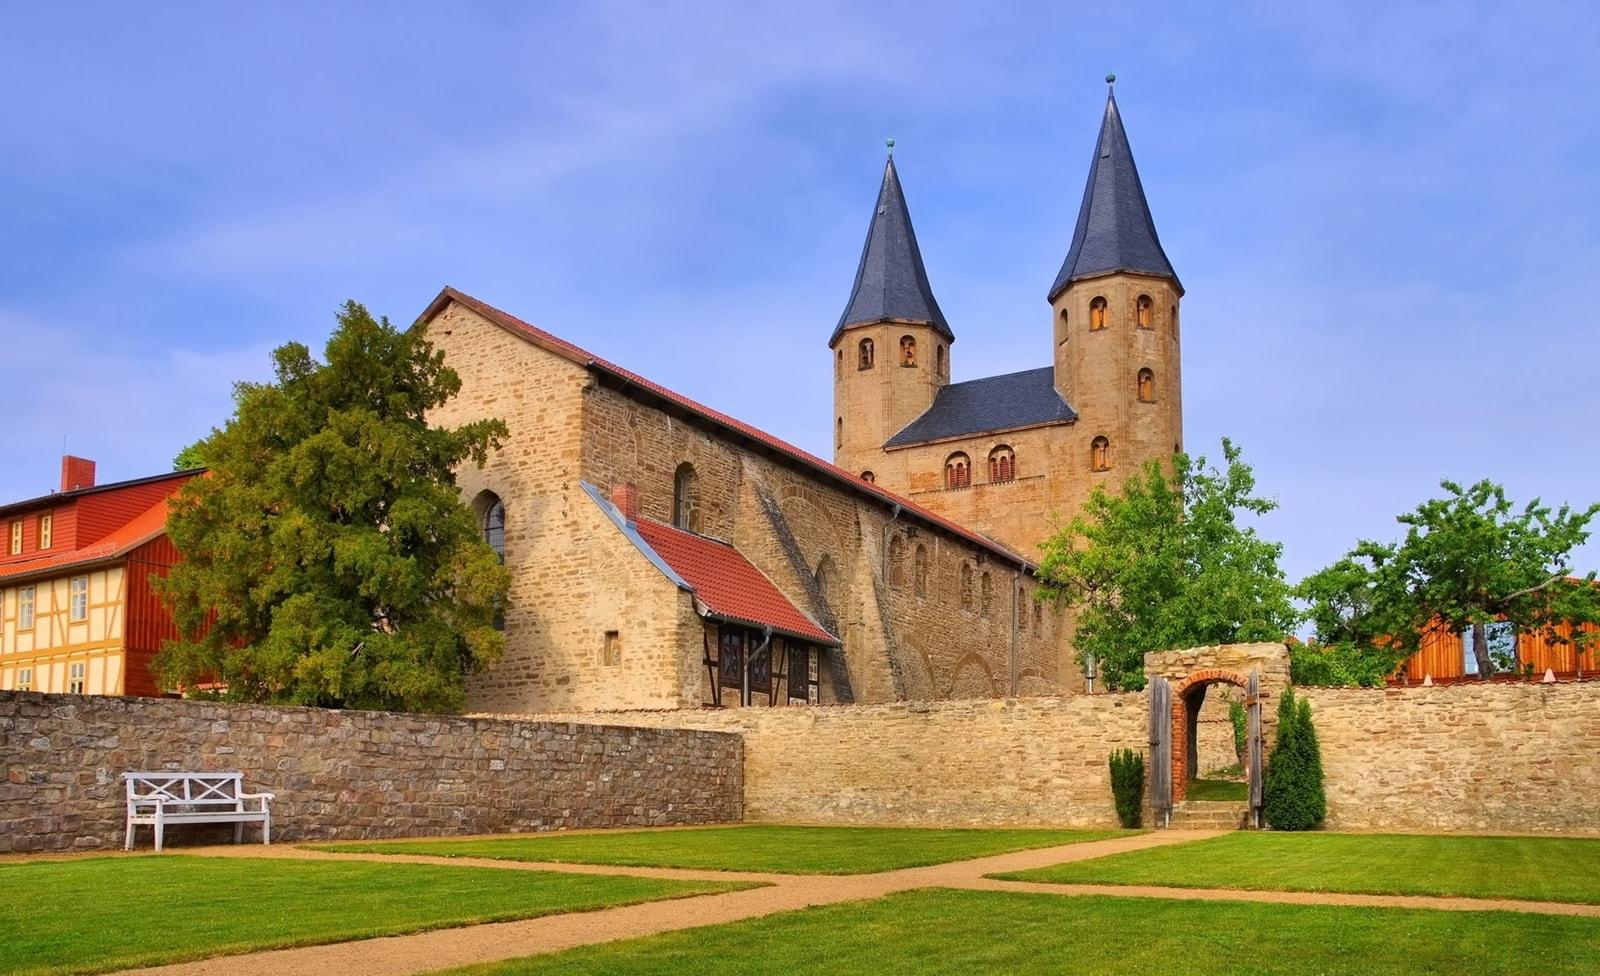 Kloster in Sachsen-Anhalt